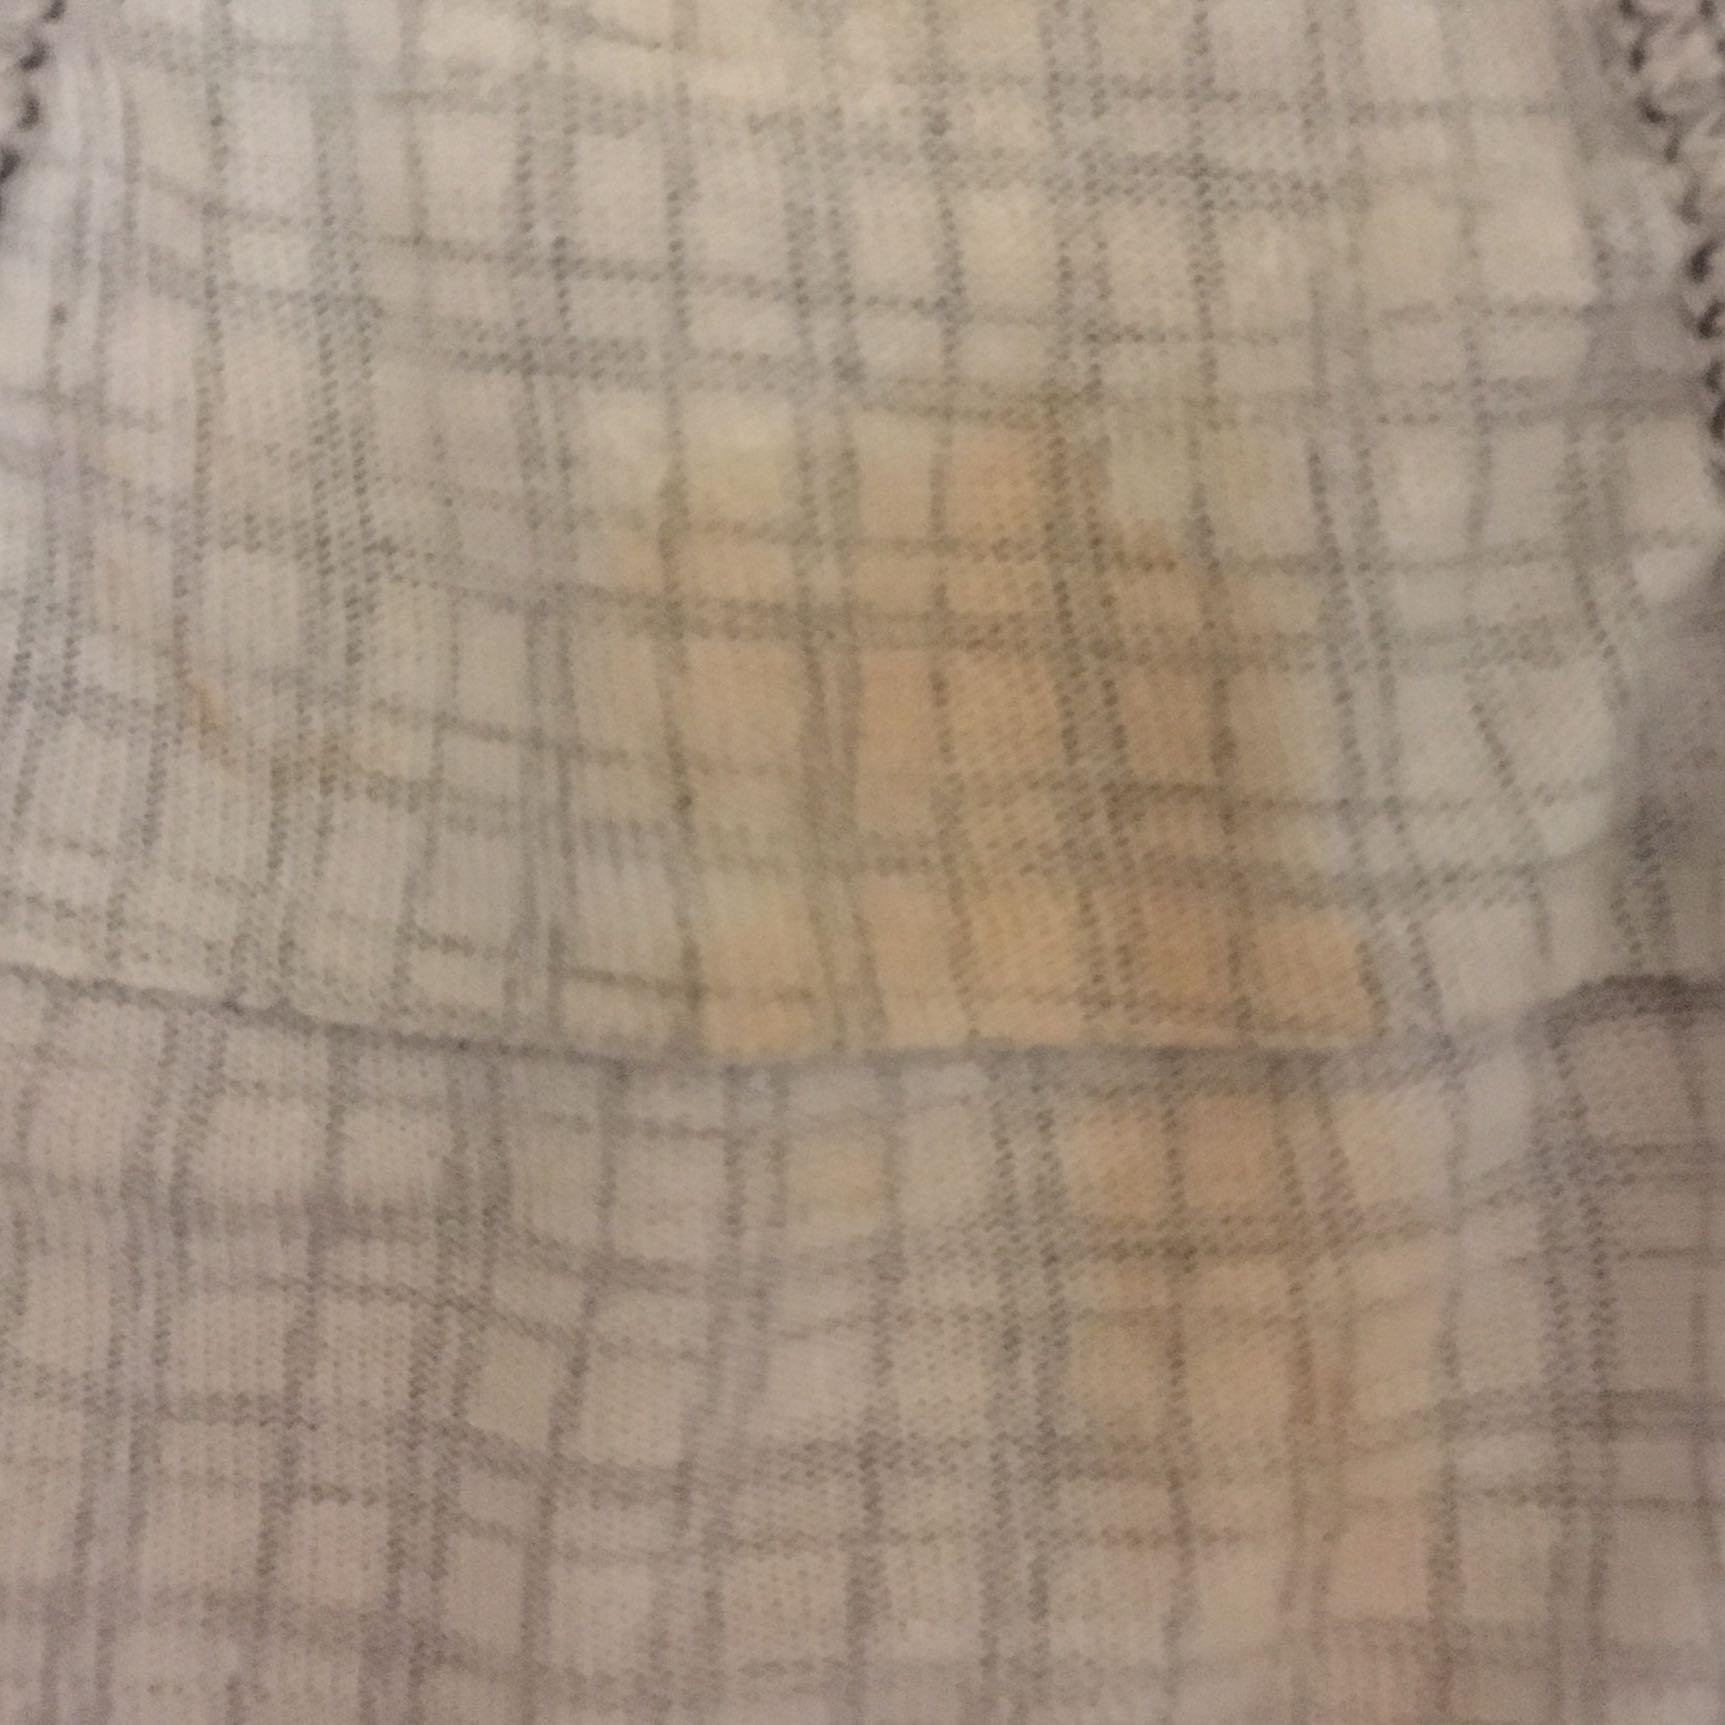 Orangener Fleck in Unterhose - Was ist das? (bild